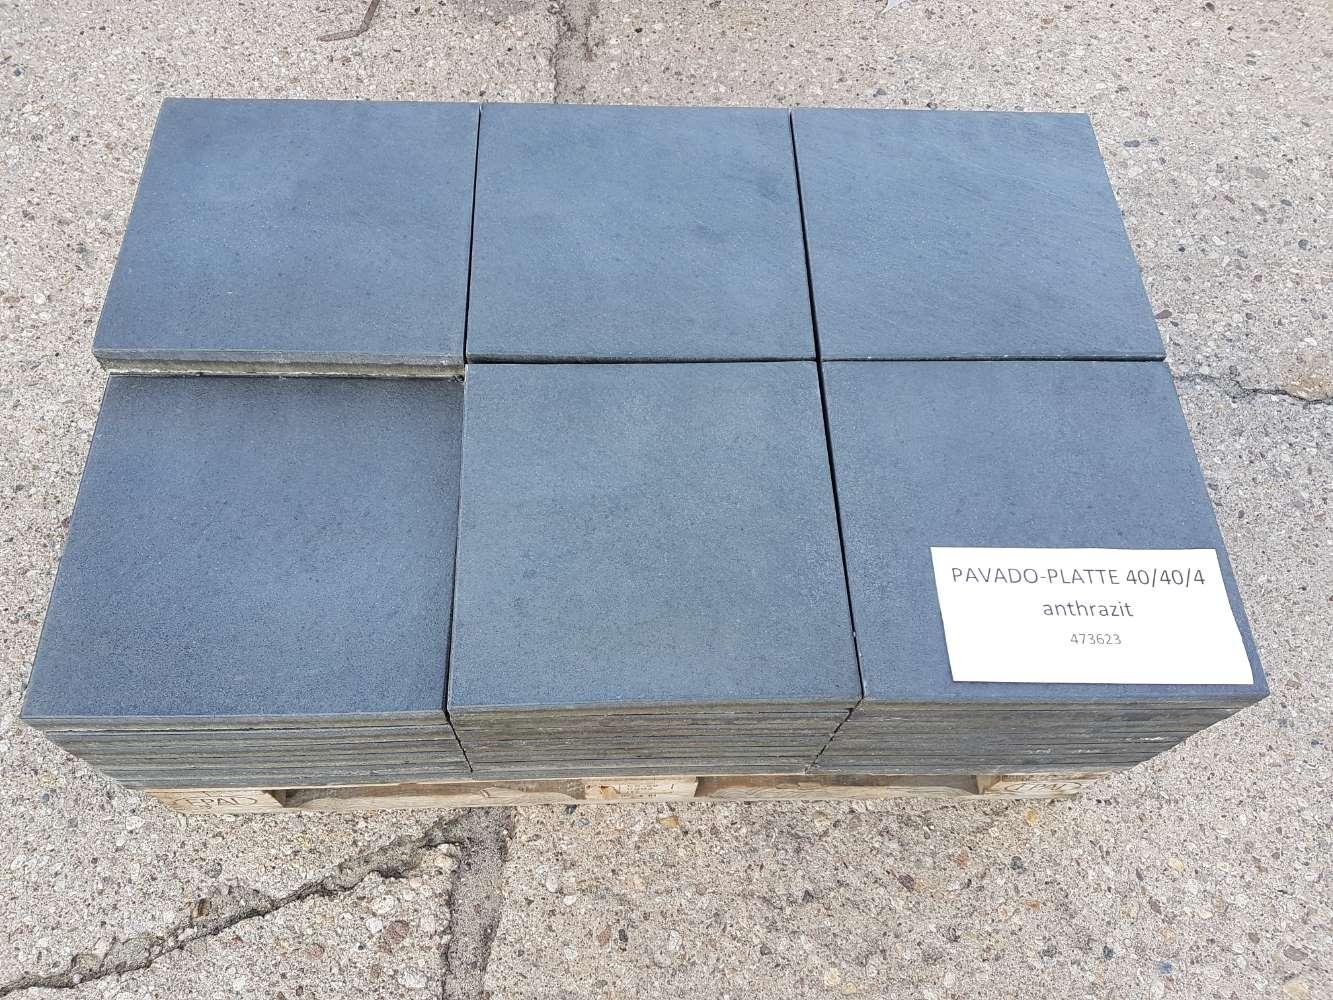 EHL Terrassenplatte anthrazit 40 x 40 x 4 cm 2. Wahl